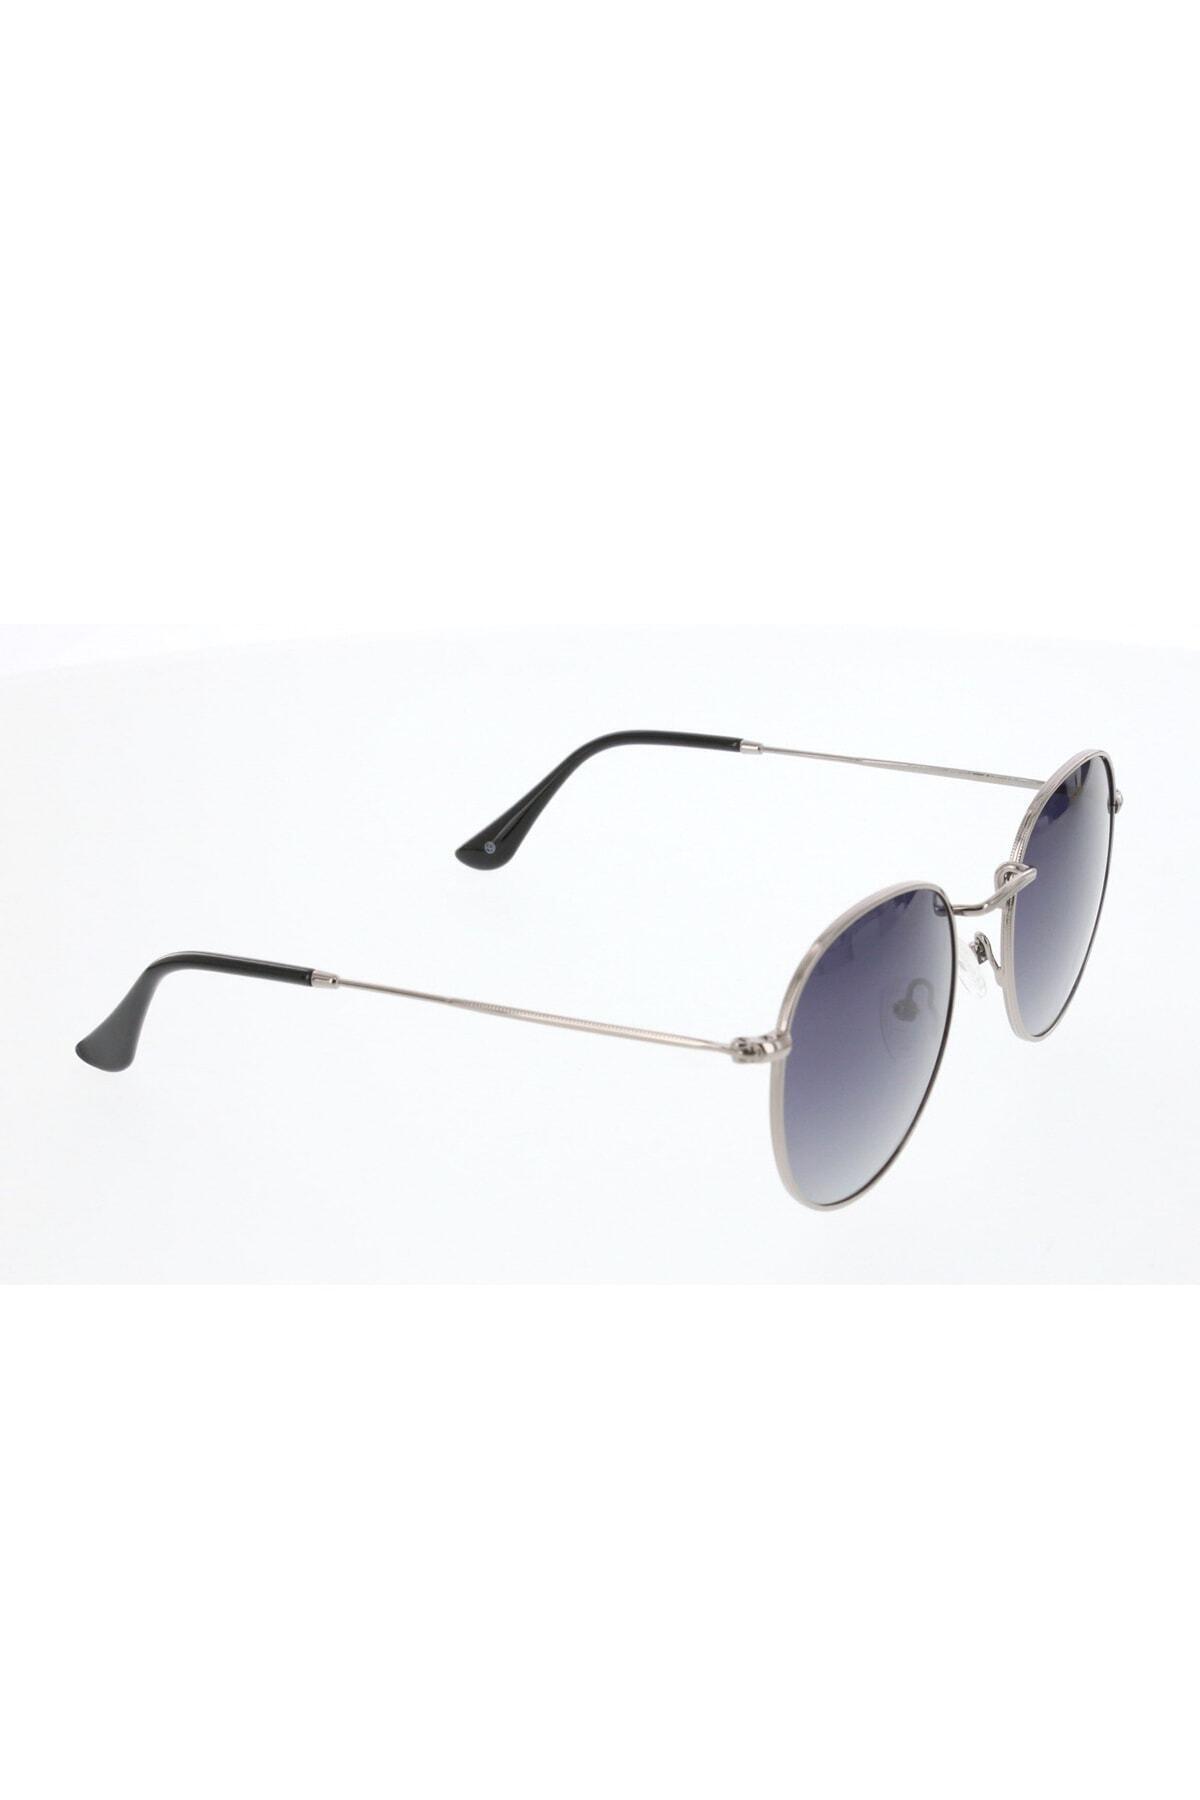 عینک آفتابی یونیسکس فانتزی برند Osse رنگ نقره کد ty35066372